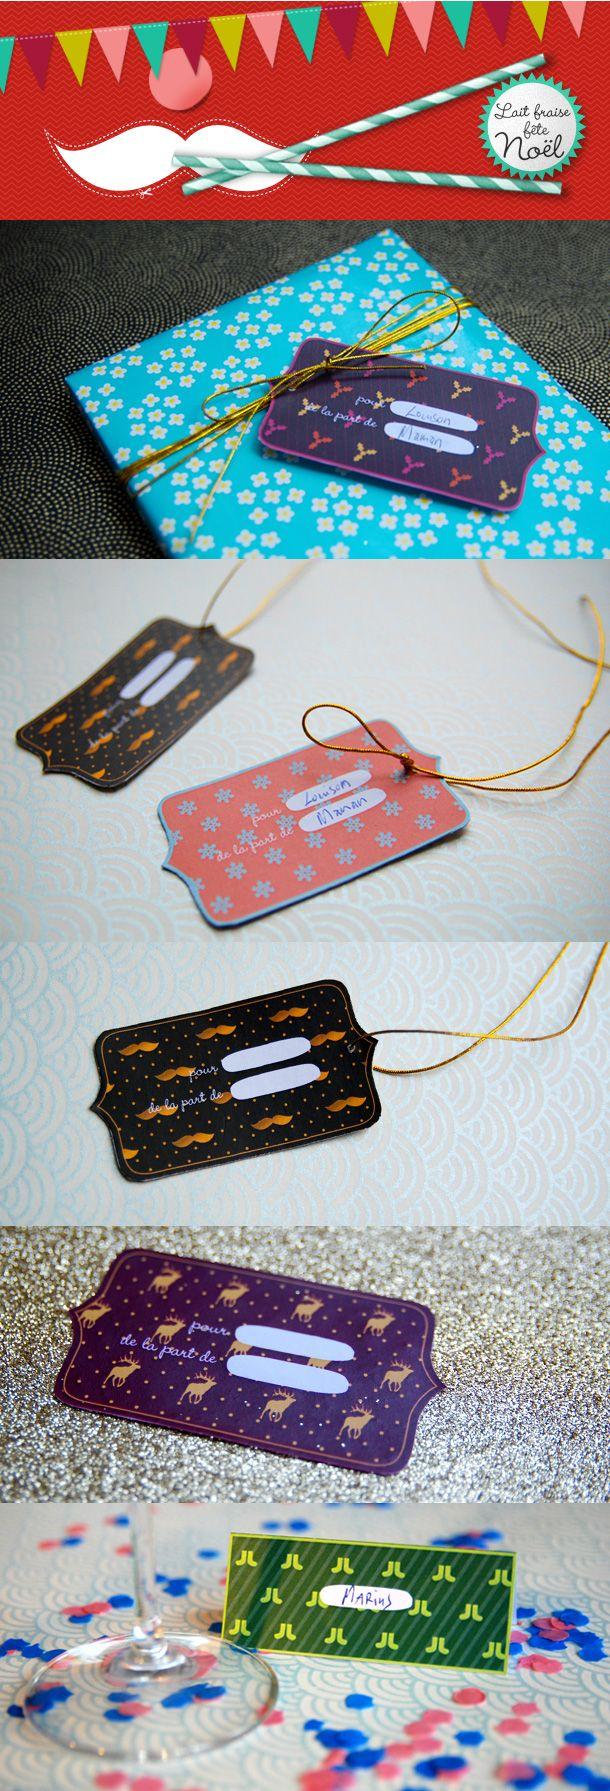 Etiquettes pour les fêtes / Labels (also mustache), free printable